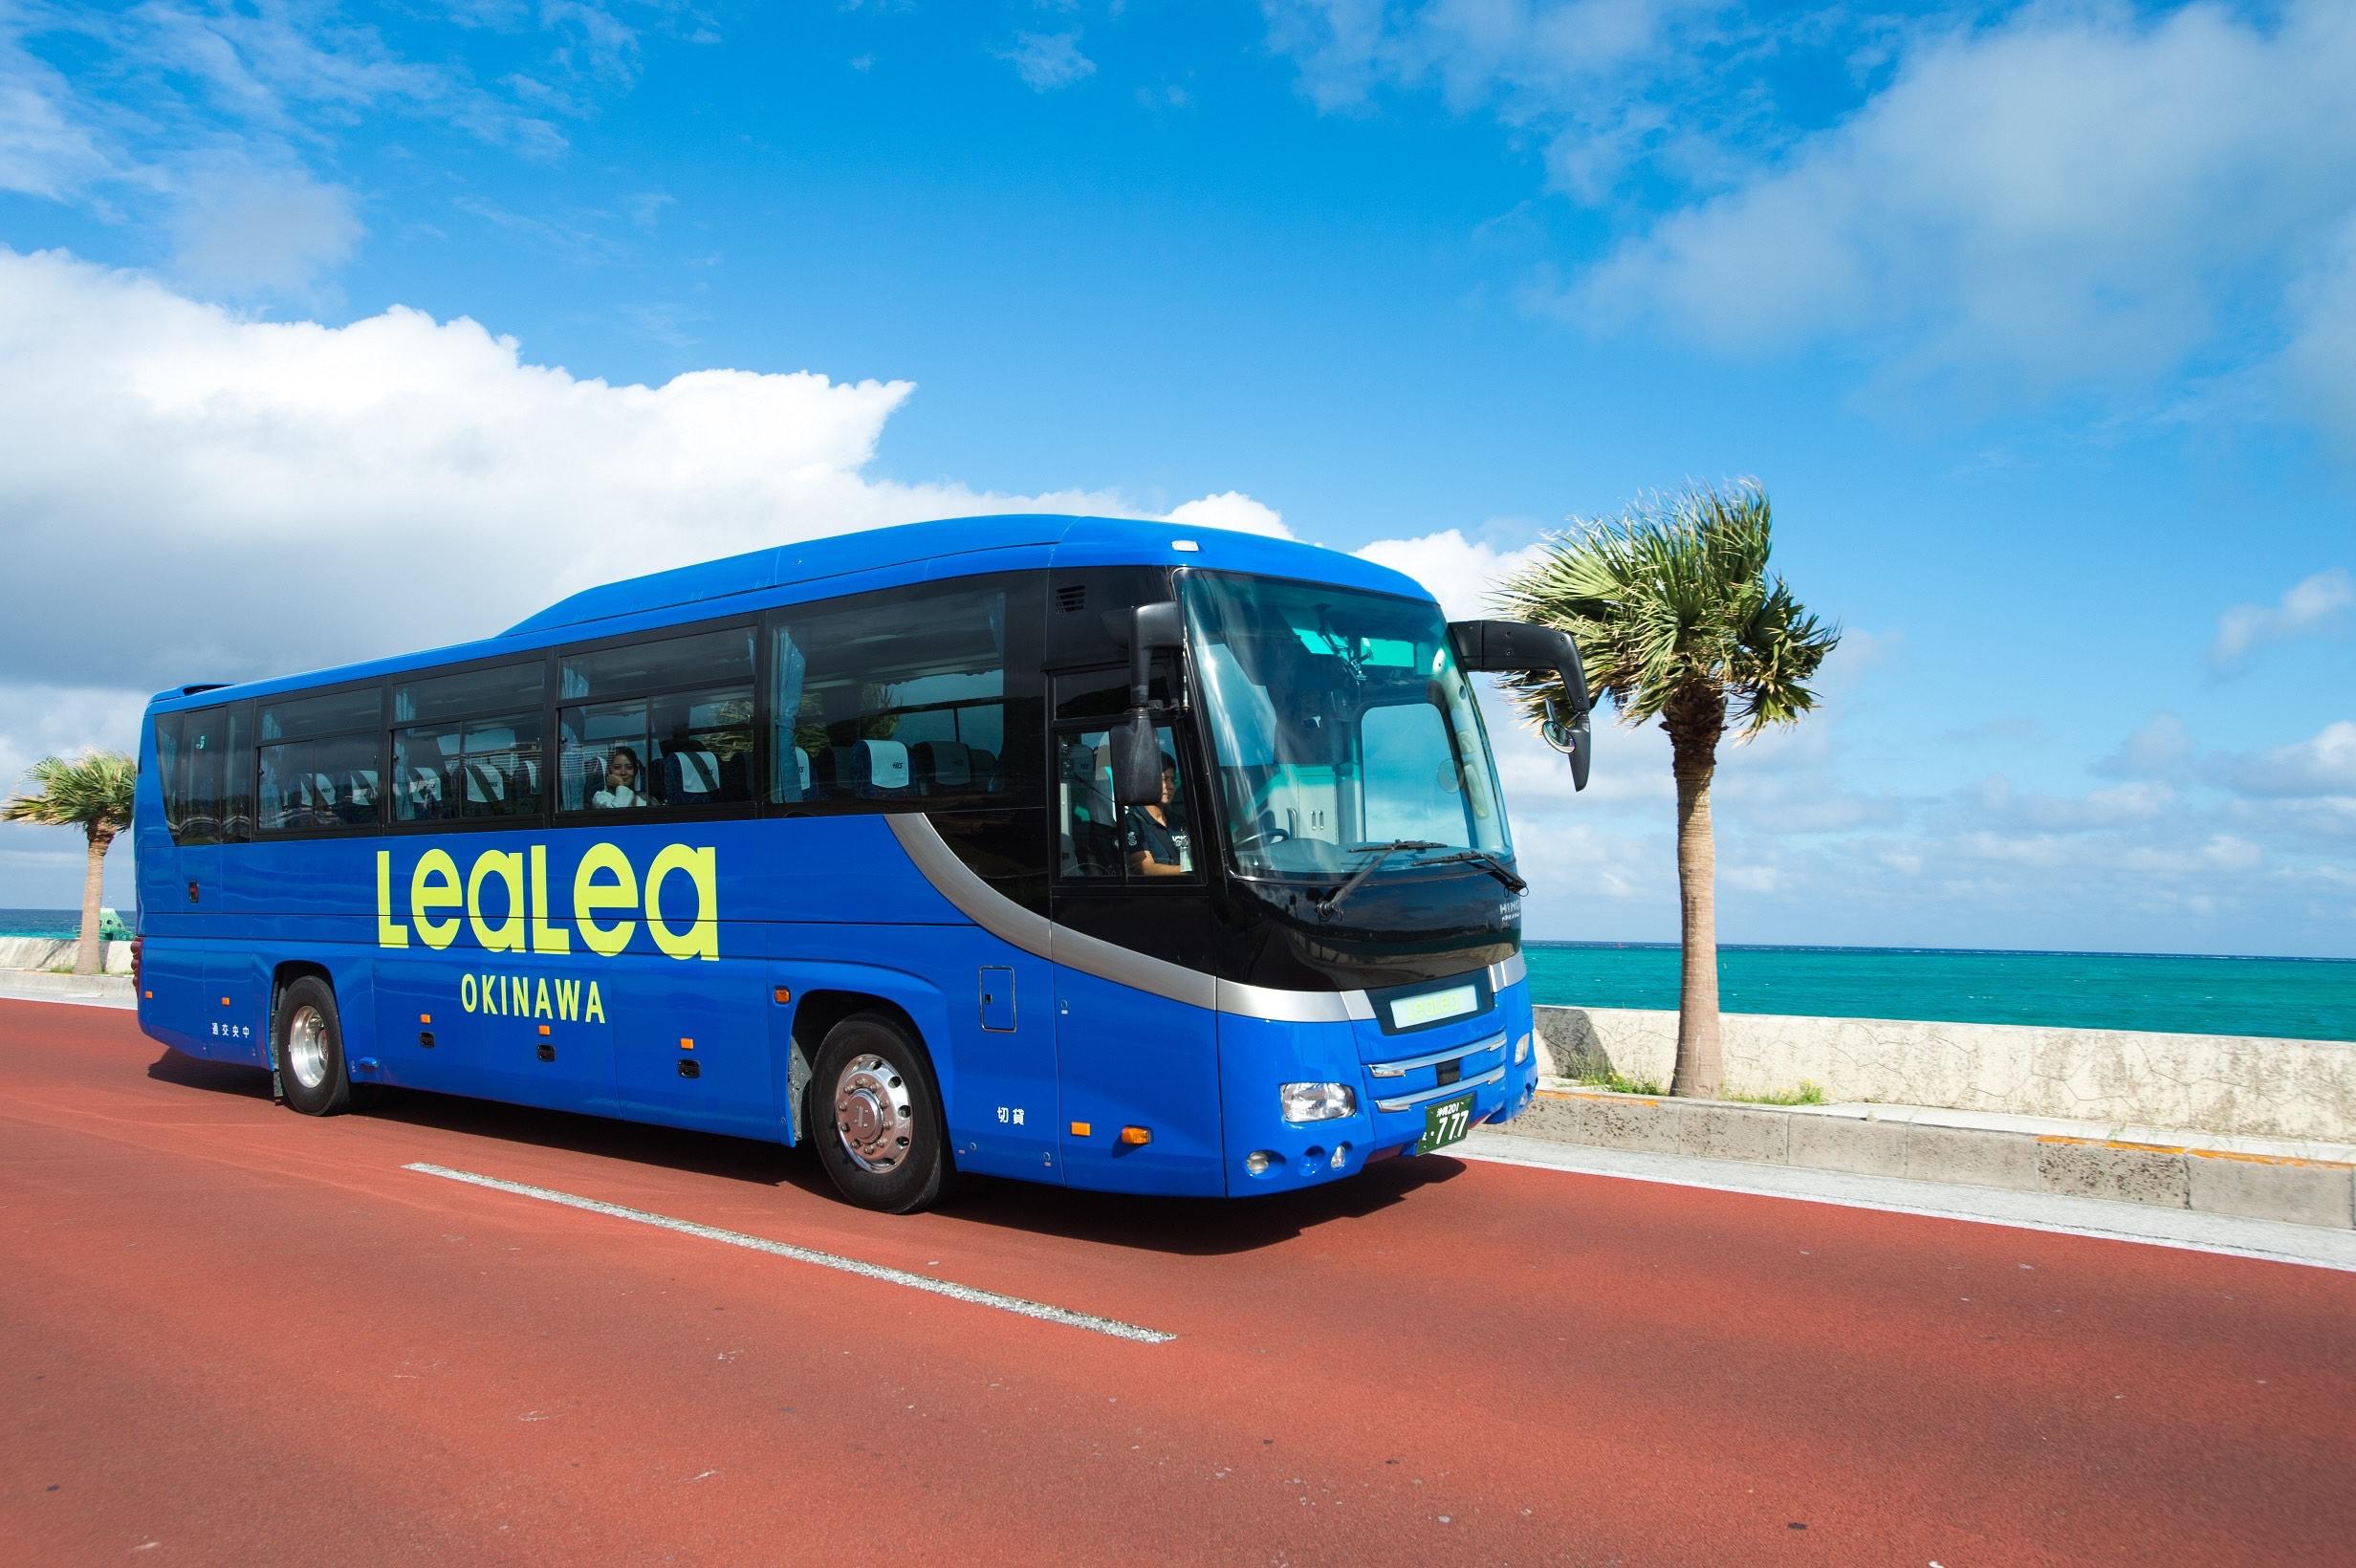 【沖繩接駁巴士】那霸市內往返瀨長島、美國村 LeaLea OKINAWA 巴士